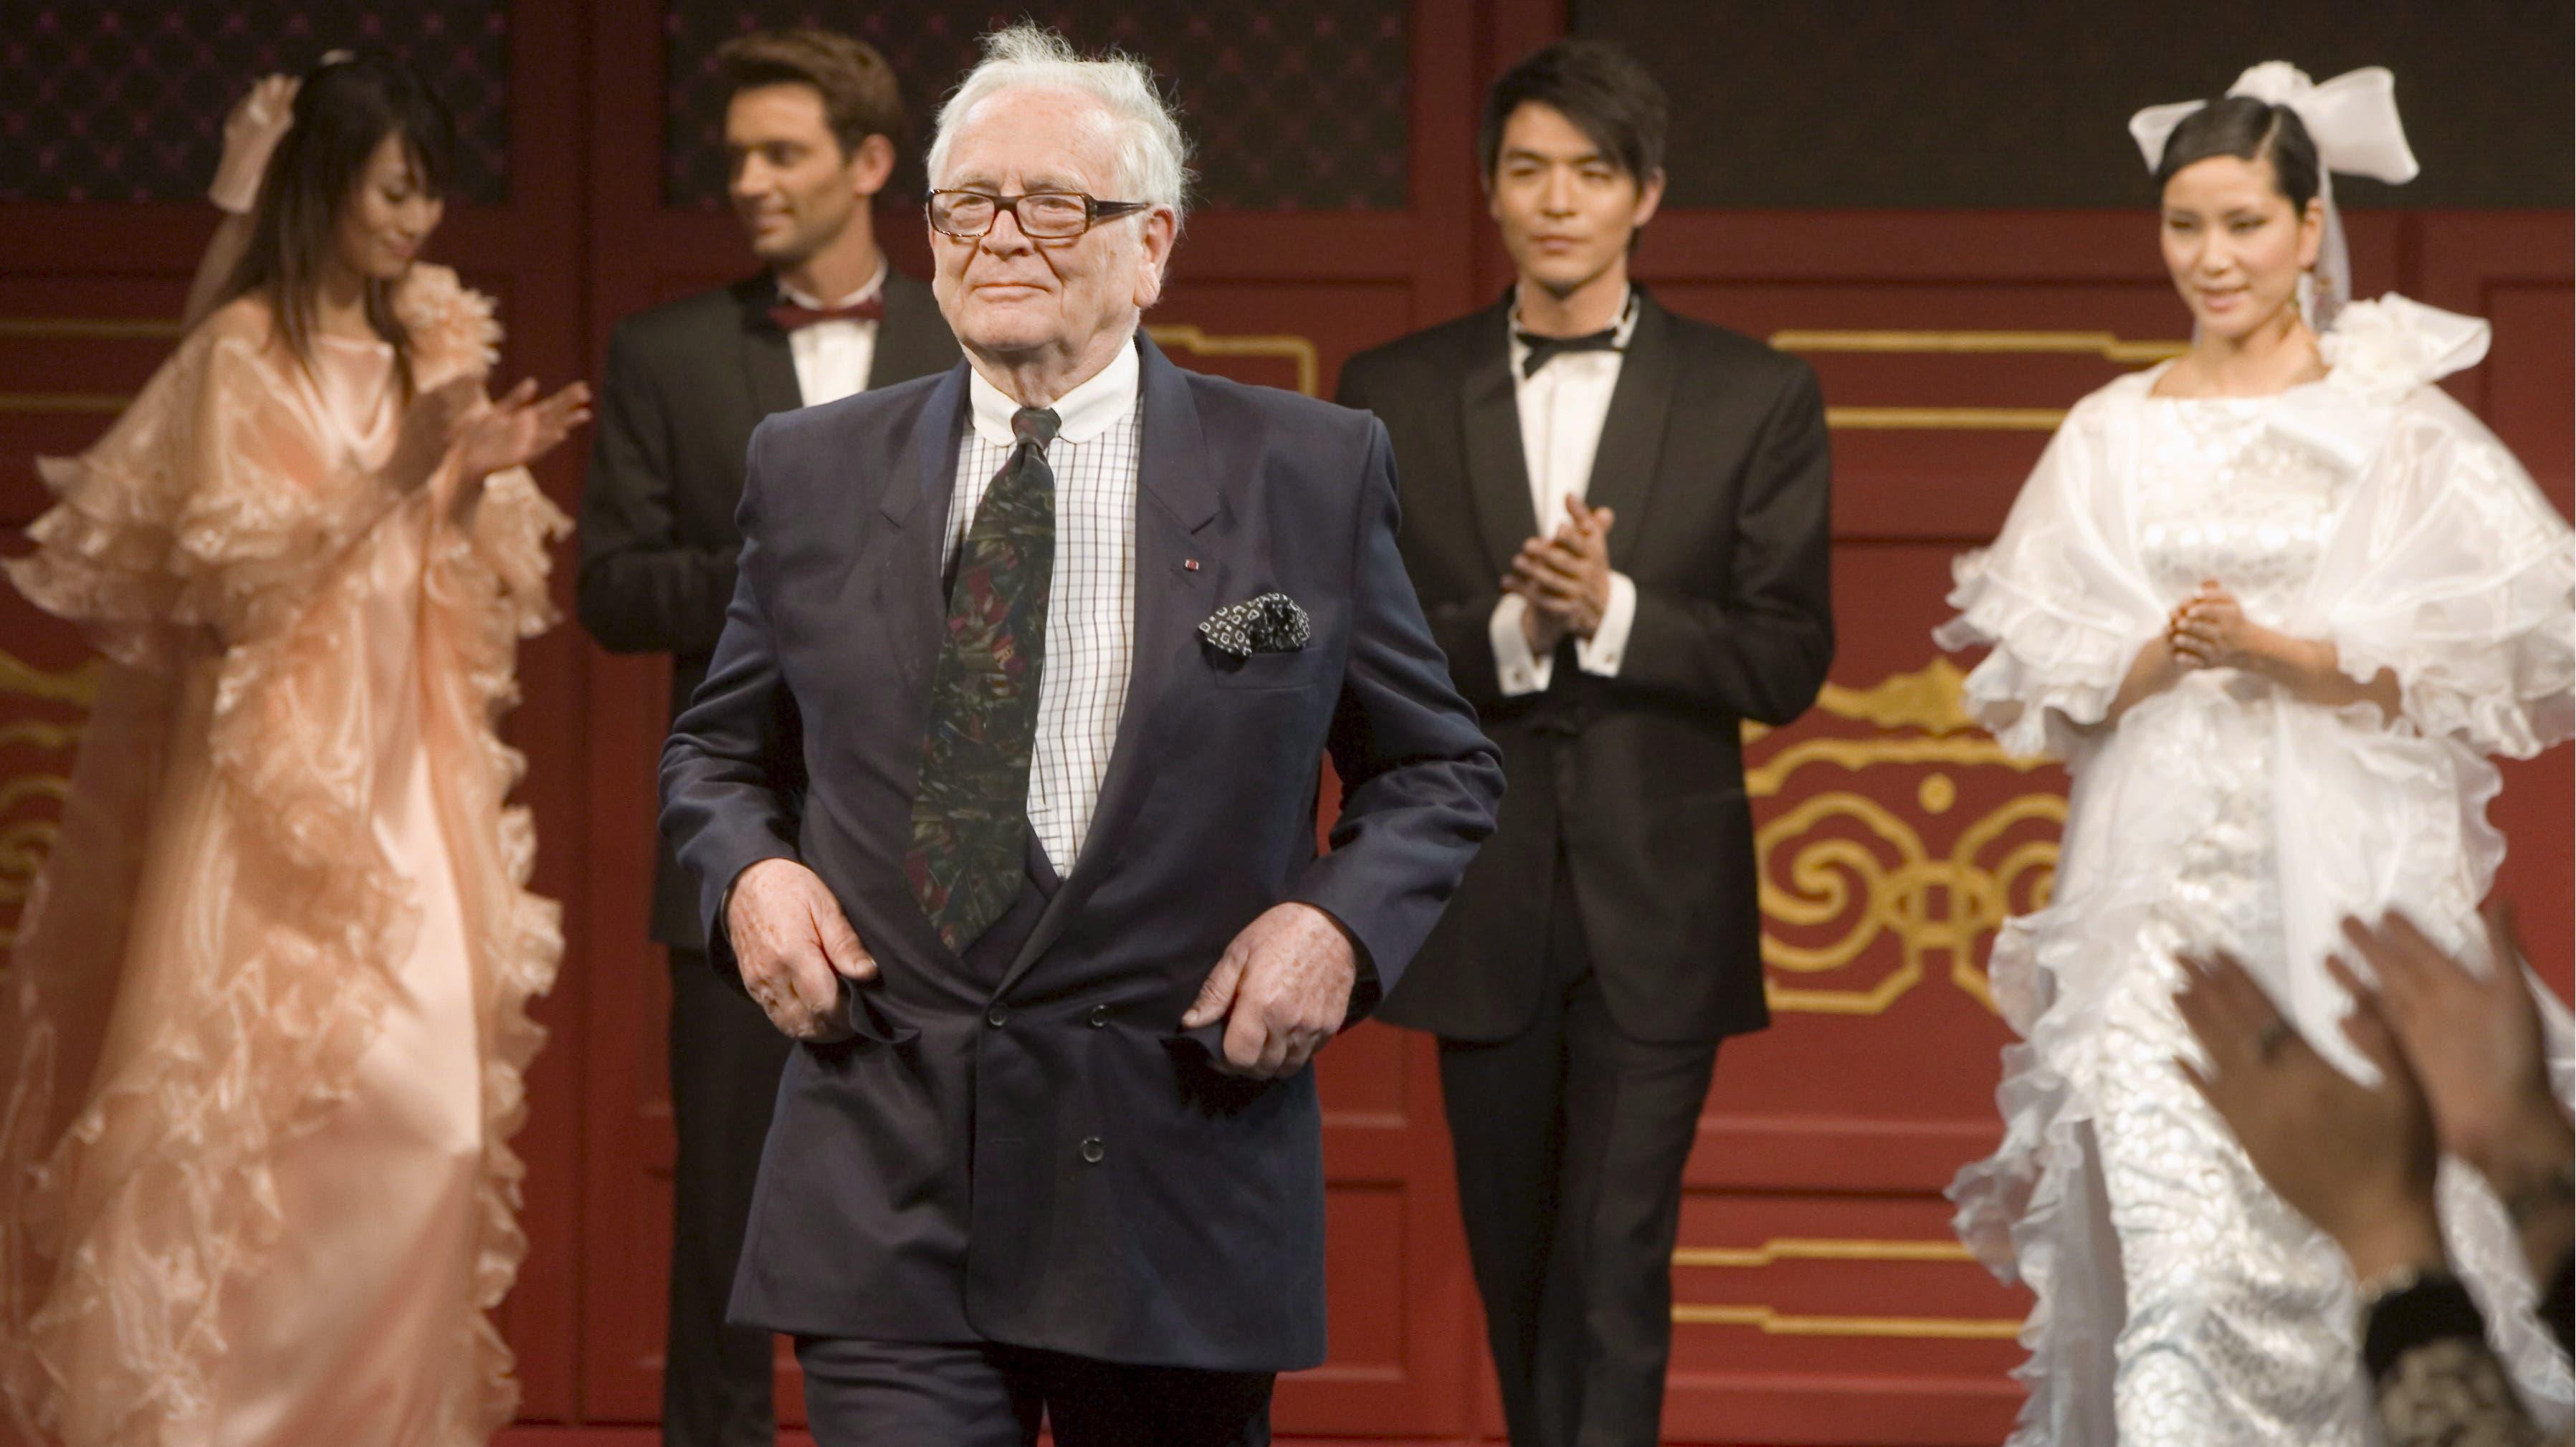 29. Dezember: Der französische Modeschöpfer Pierre Cardin stirbt im Alter von 98 Jahren in Frankreich.